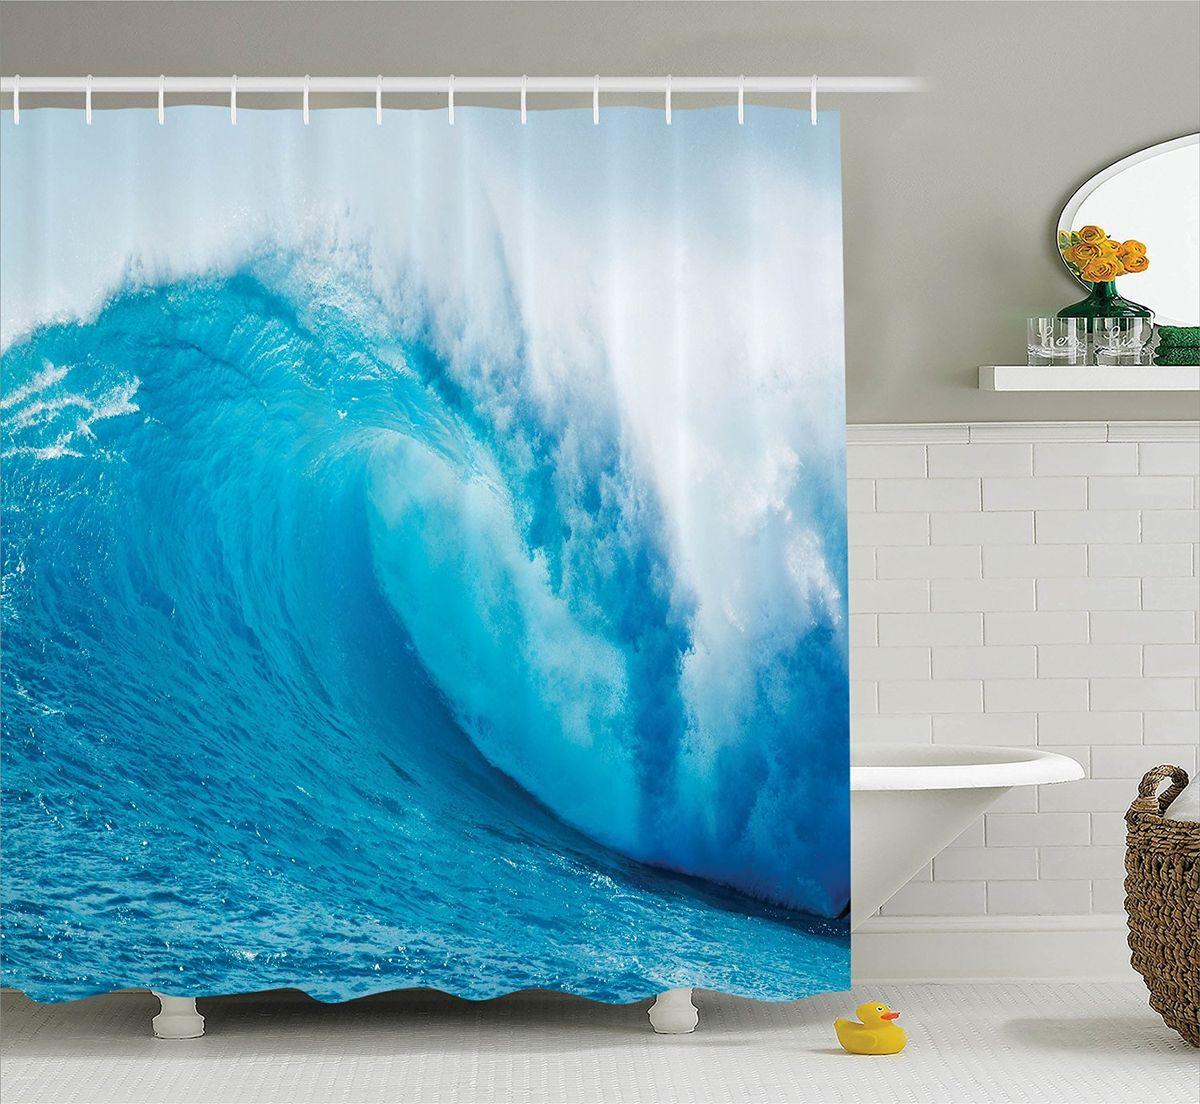 Штора для ванной комнаты Magic Lady Голубая волна, 180 х 200 смшв_15007Штора Magic Lady Голубая волна, изготовленная из высококачественного сатена (полиэстер 100%), отлично дополнит любой интерьер ванной комнаты. При изготовлении используются специальные гипоаллергенные чернила для прямой печати по ткани, безопасные для человека.В комплекте: 1 штора, 12 крючков. Обращаем ваше внимание, фактический цвет изделия может незначительно отличаться от представленного на фото.